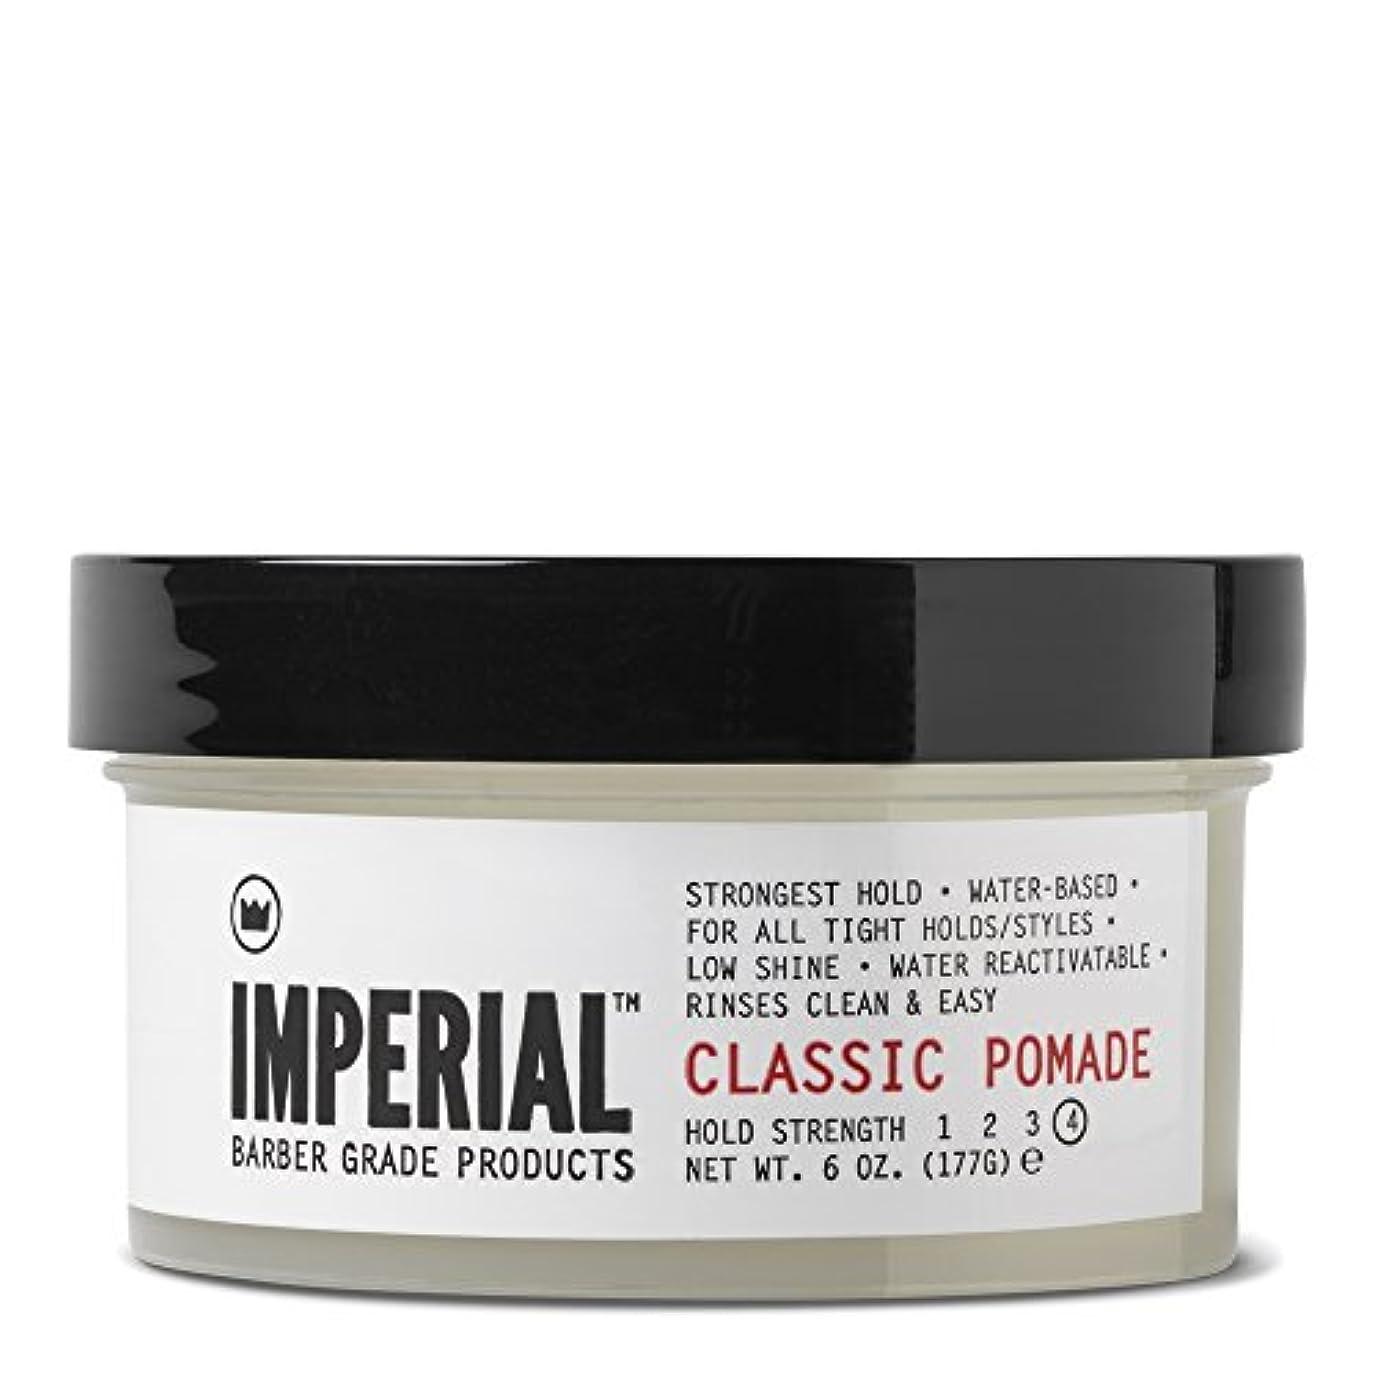 禁止するたとえおじさんImperial Barber グレード製品クラシックポマード、6オズ。 72.0オンス